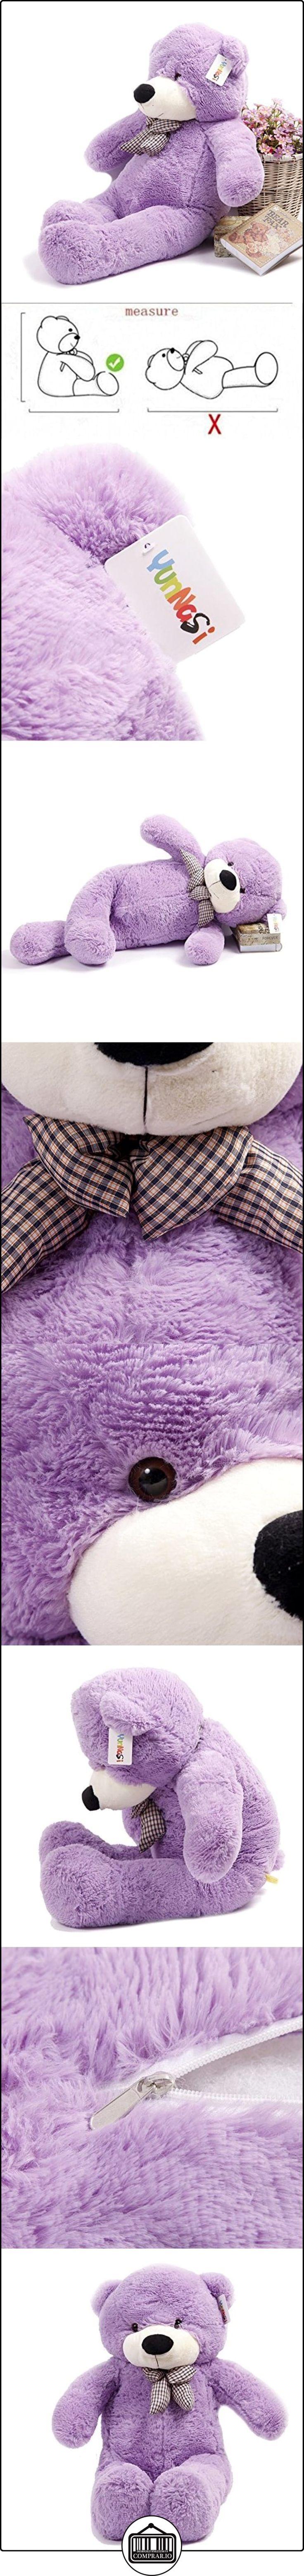 Dis gigante enorme de peluche Animales de peluche oso de peluche muñeca de juguete , purple 120cm  ✿ Regalos para recién nacidos - Bebes ✿ ▬► Ver oferta: http://comprar.io/goto/B018XFQSOK